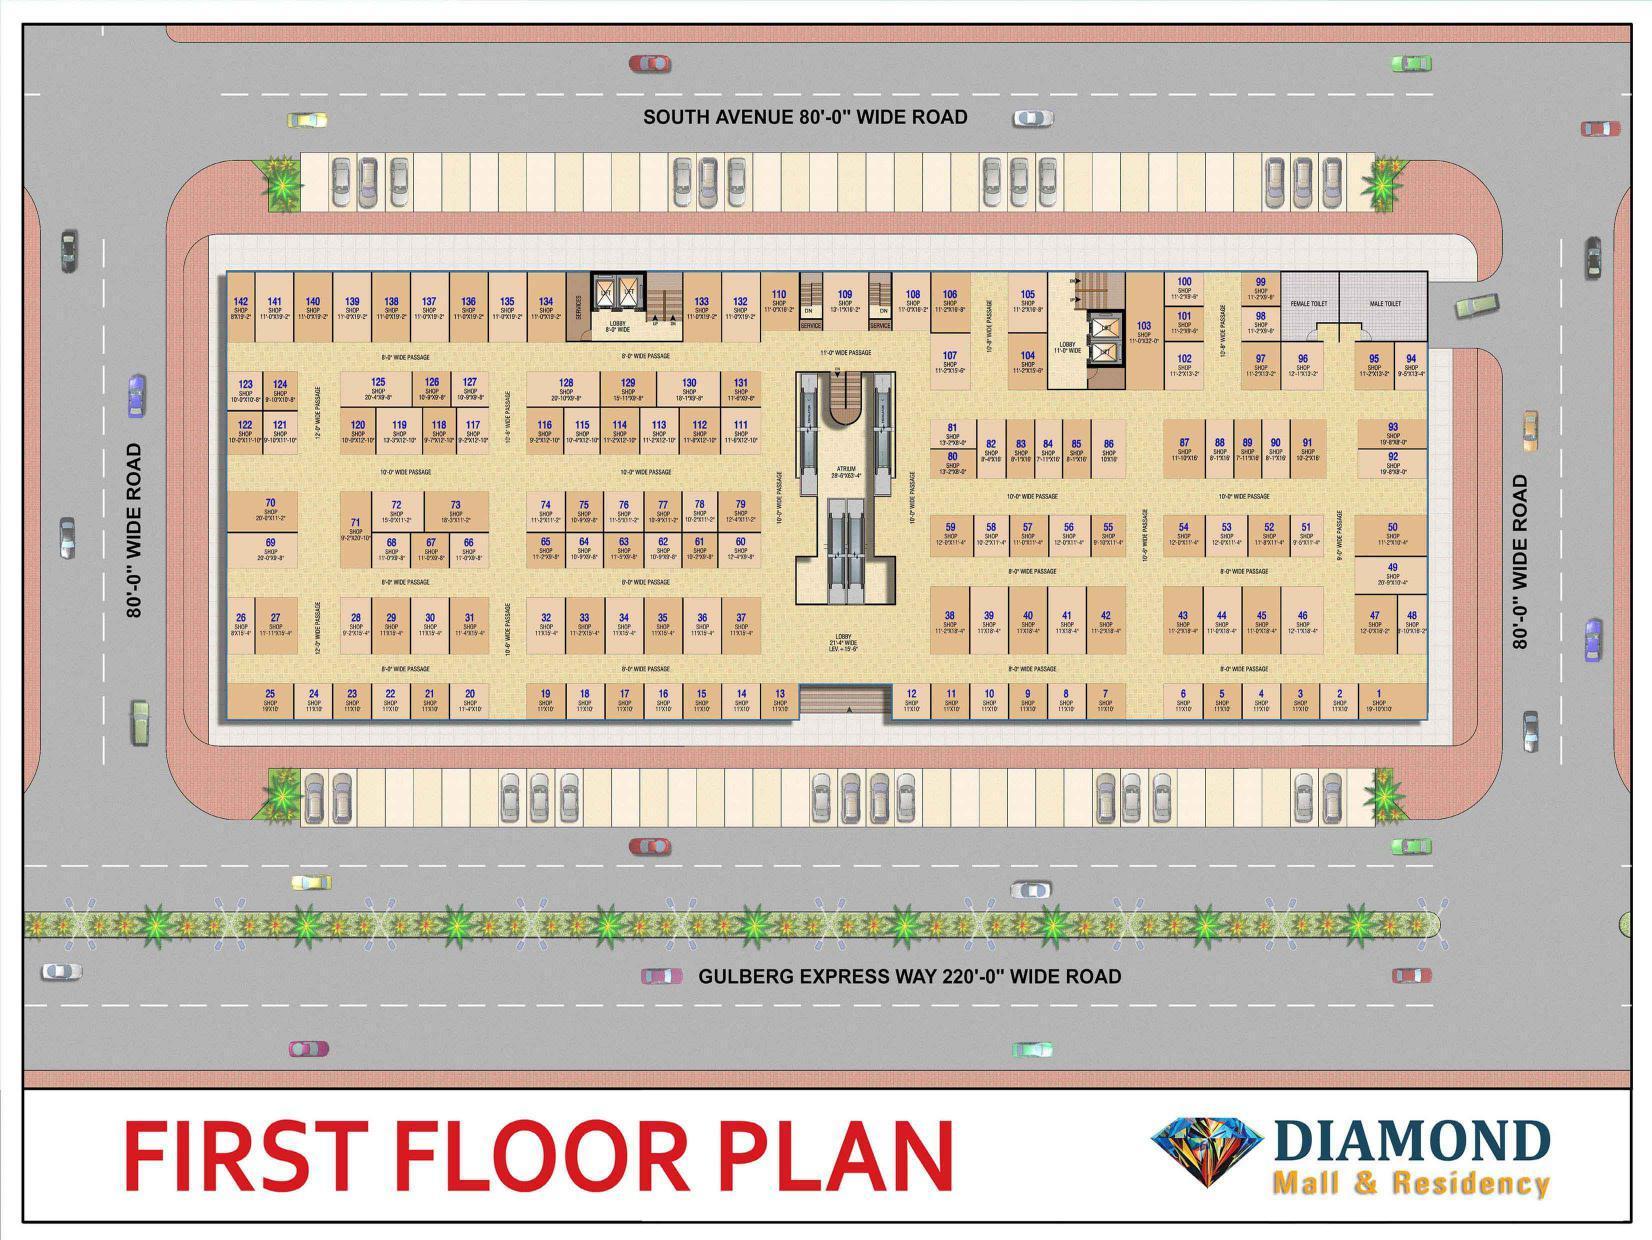 Diamond Mall 1st floor plan